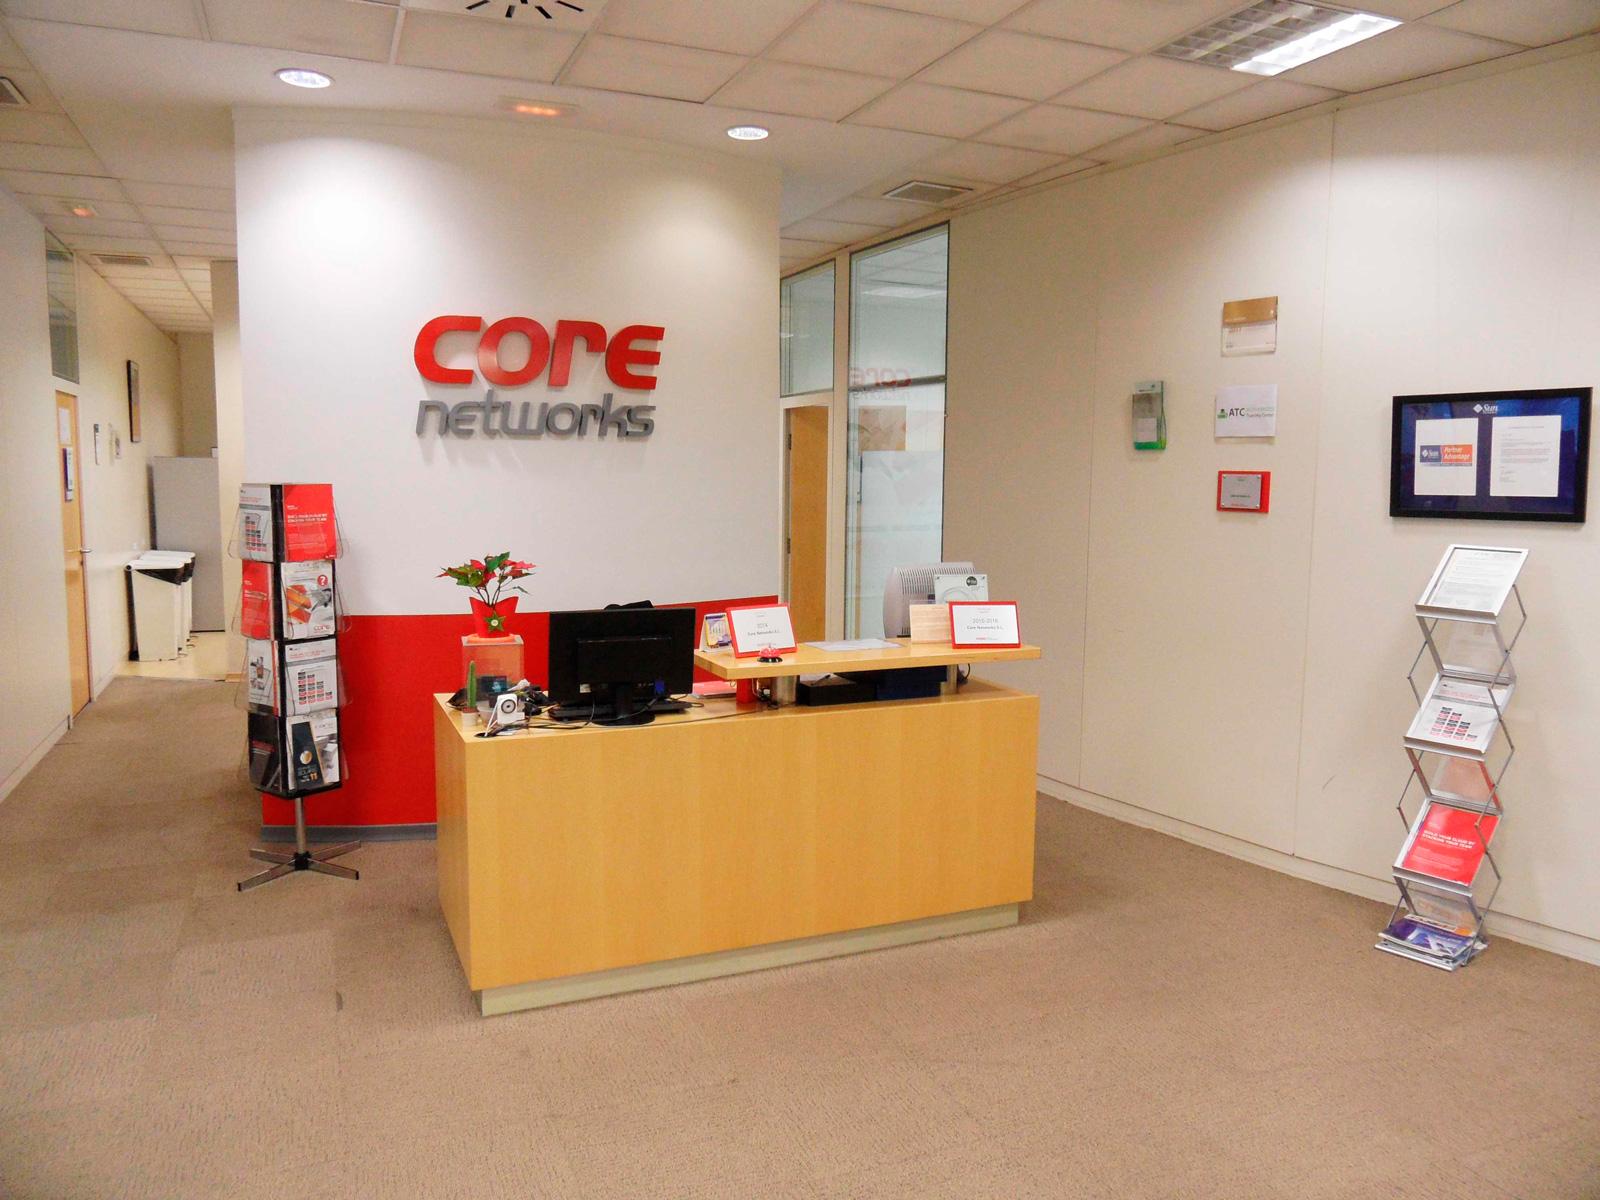 Recepción | Core Networks